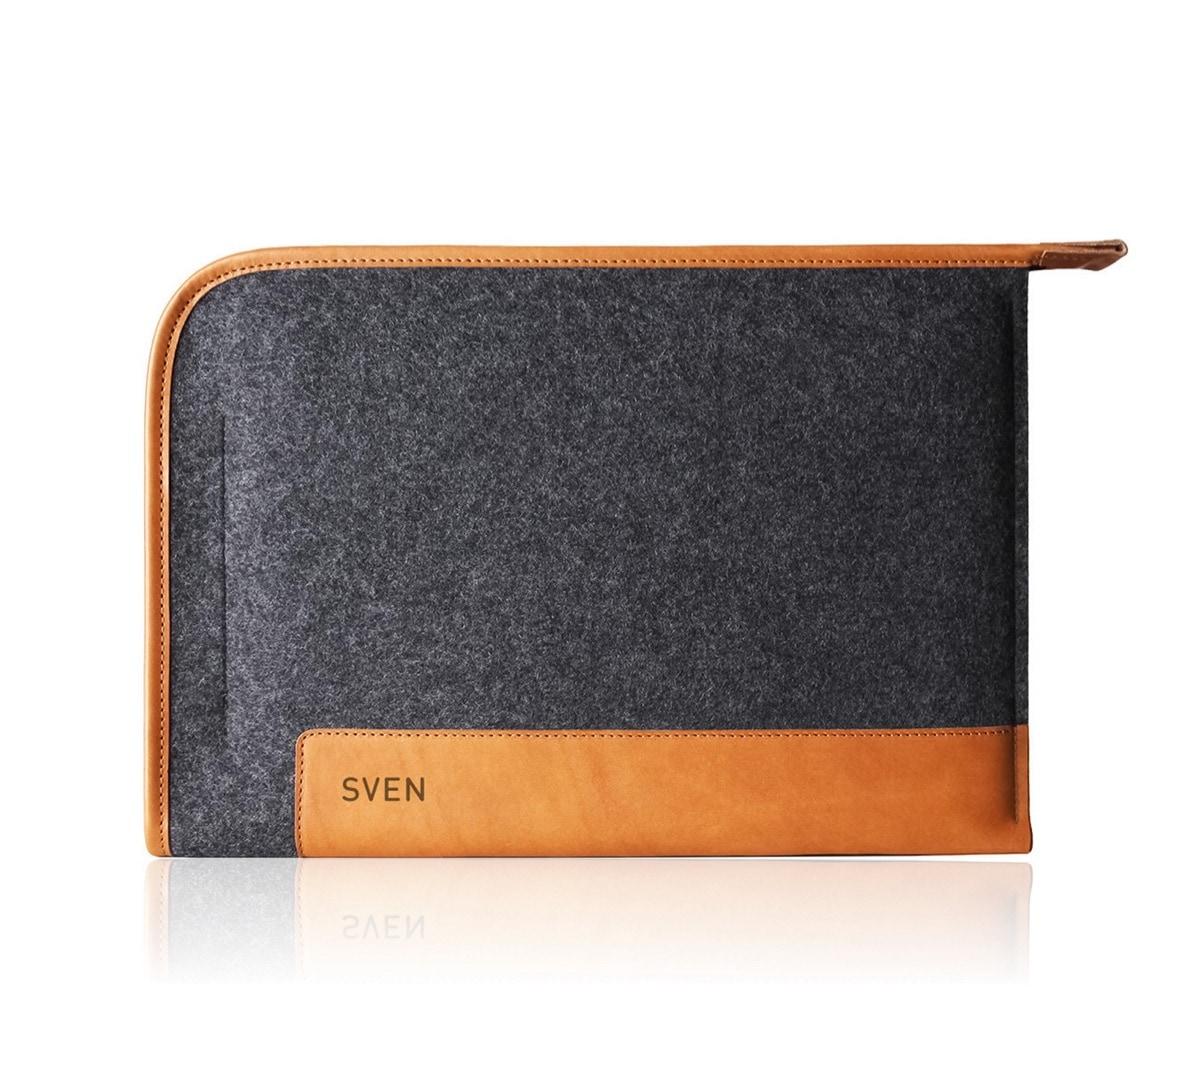 Personalized iPad Pro 11 zipped felt sleeve